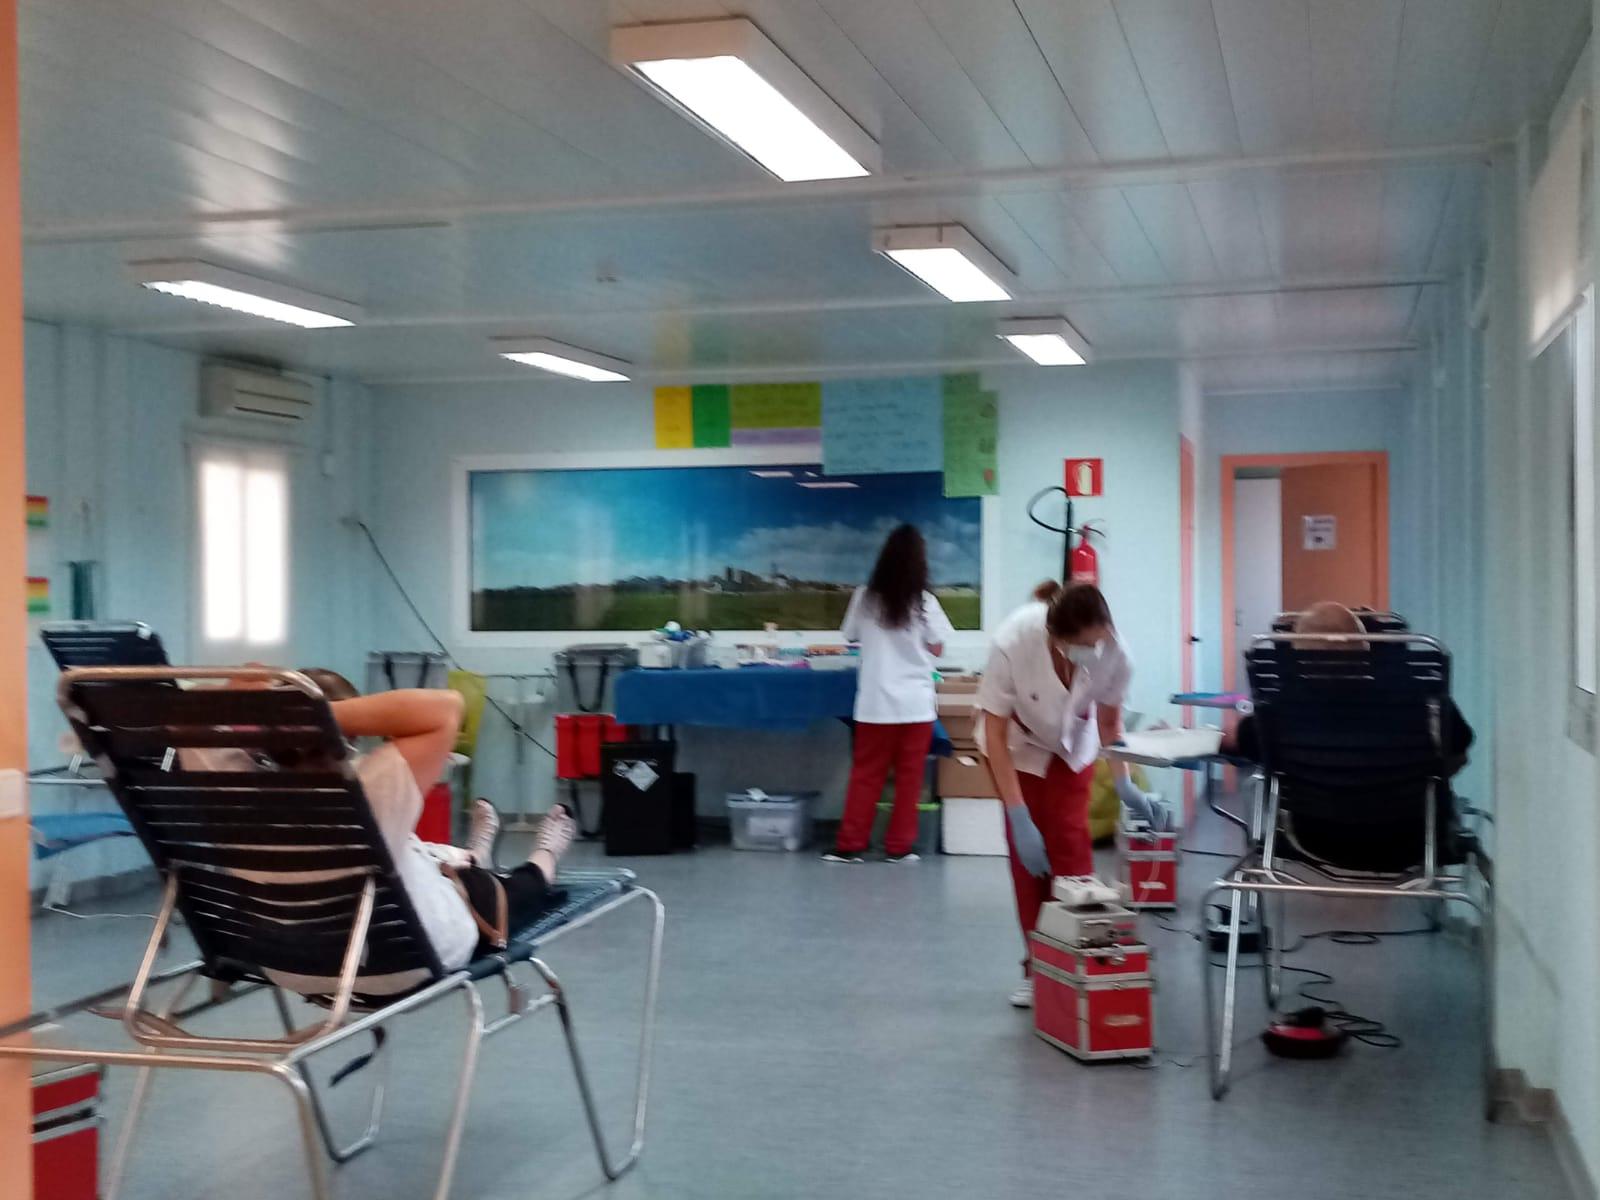 38 persones han donat sang a la Bisbal del Penedès aquest dijous 9 de juliol